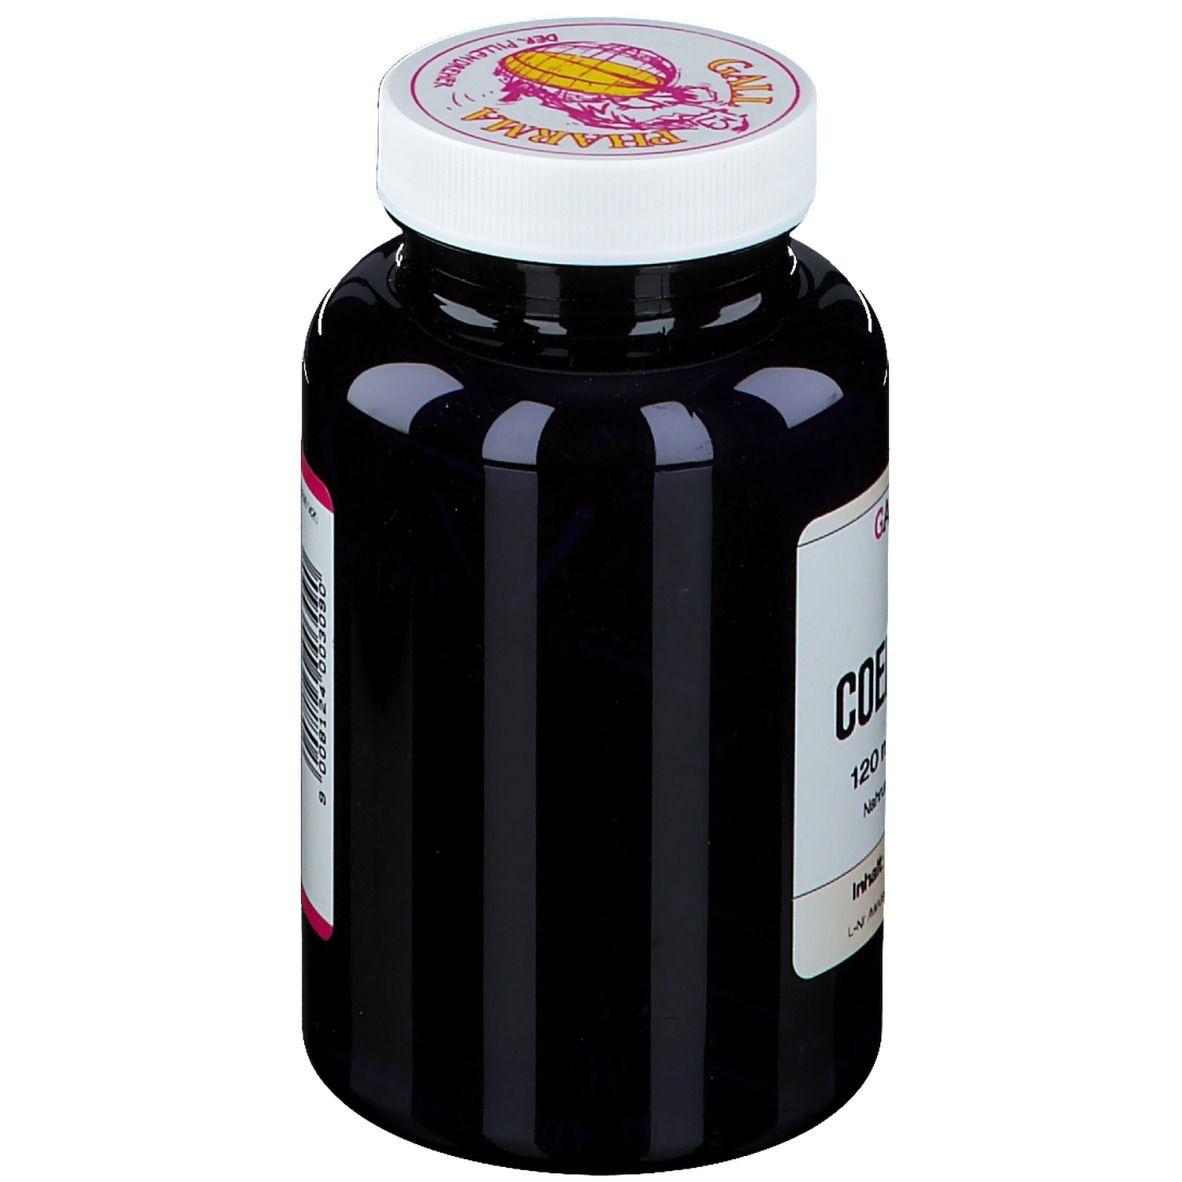 GALL PHARMA Coenzym Q-10 120 mg GPH